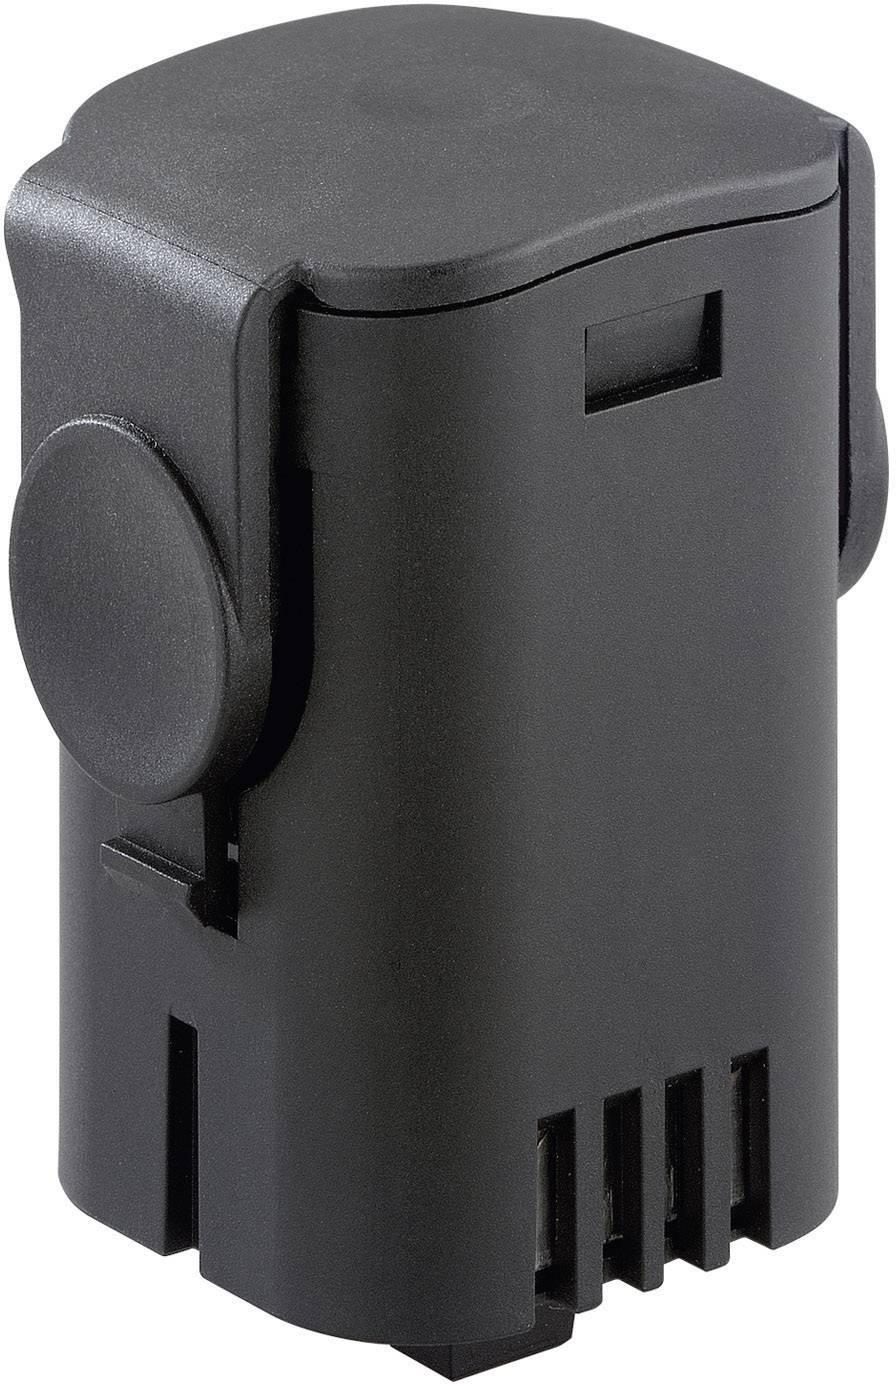 Náhradný akumulátor pre elektrické náradie, Metabo 625487000, 7.2 V, 2.2 Ah, Li-Ion akumulátor